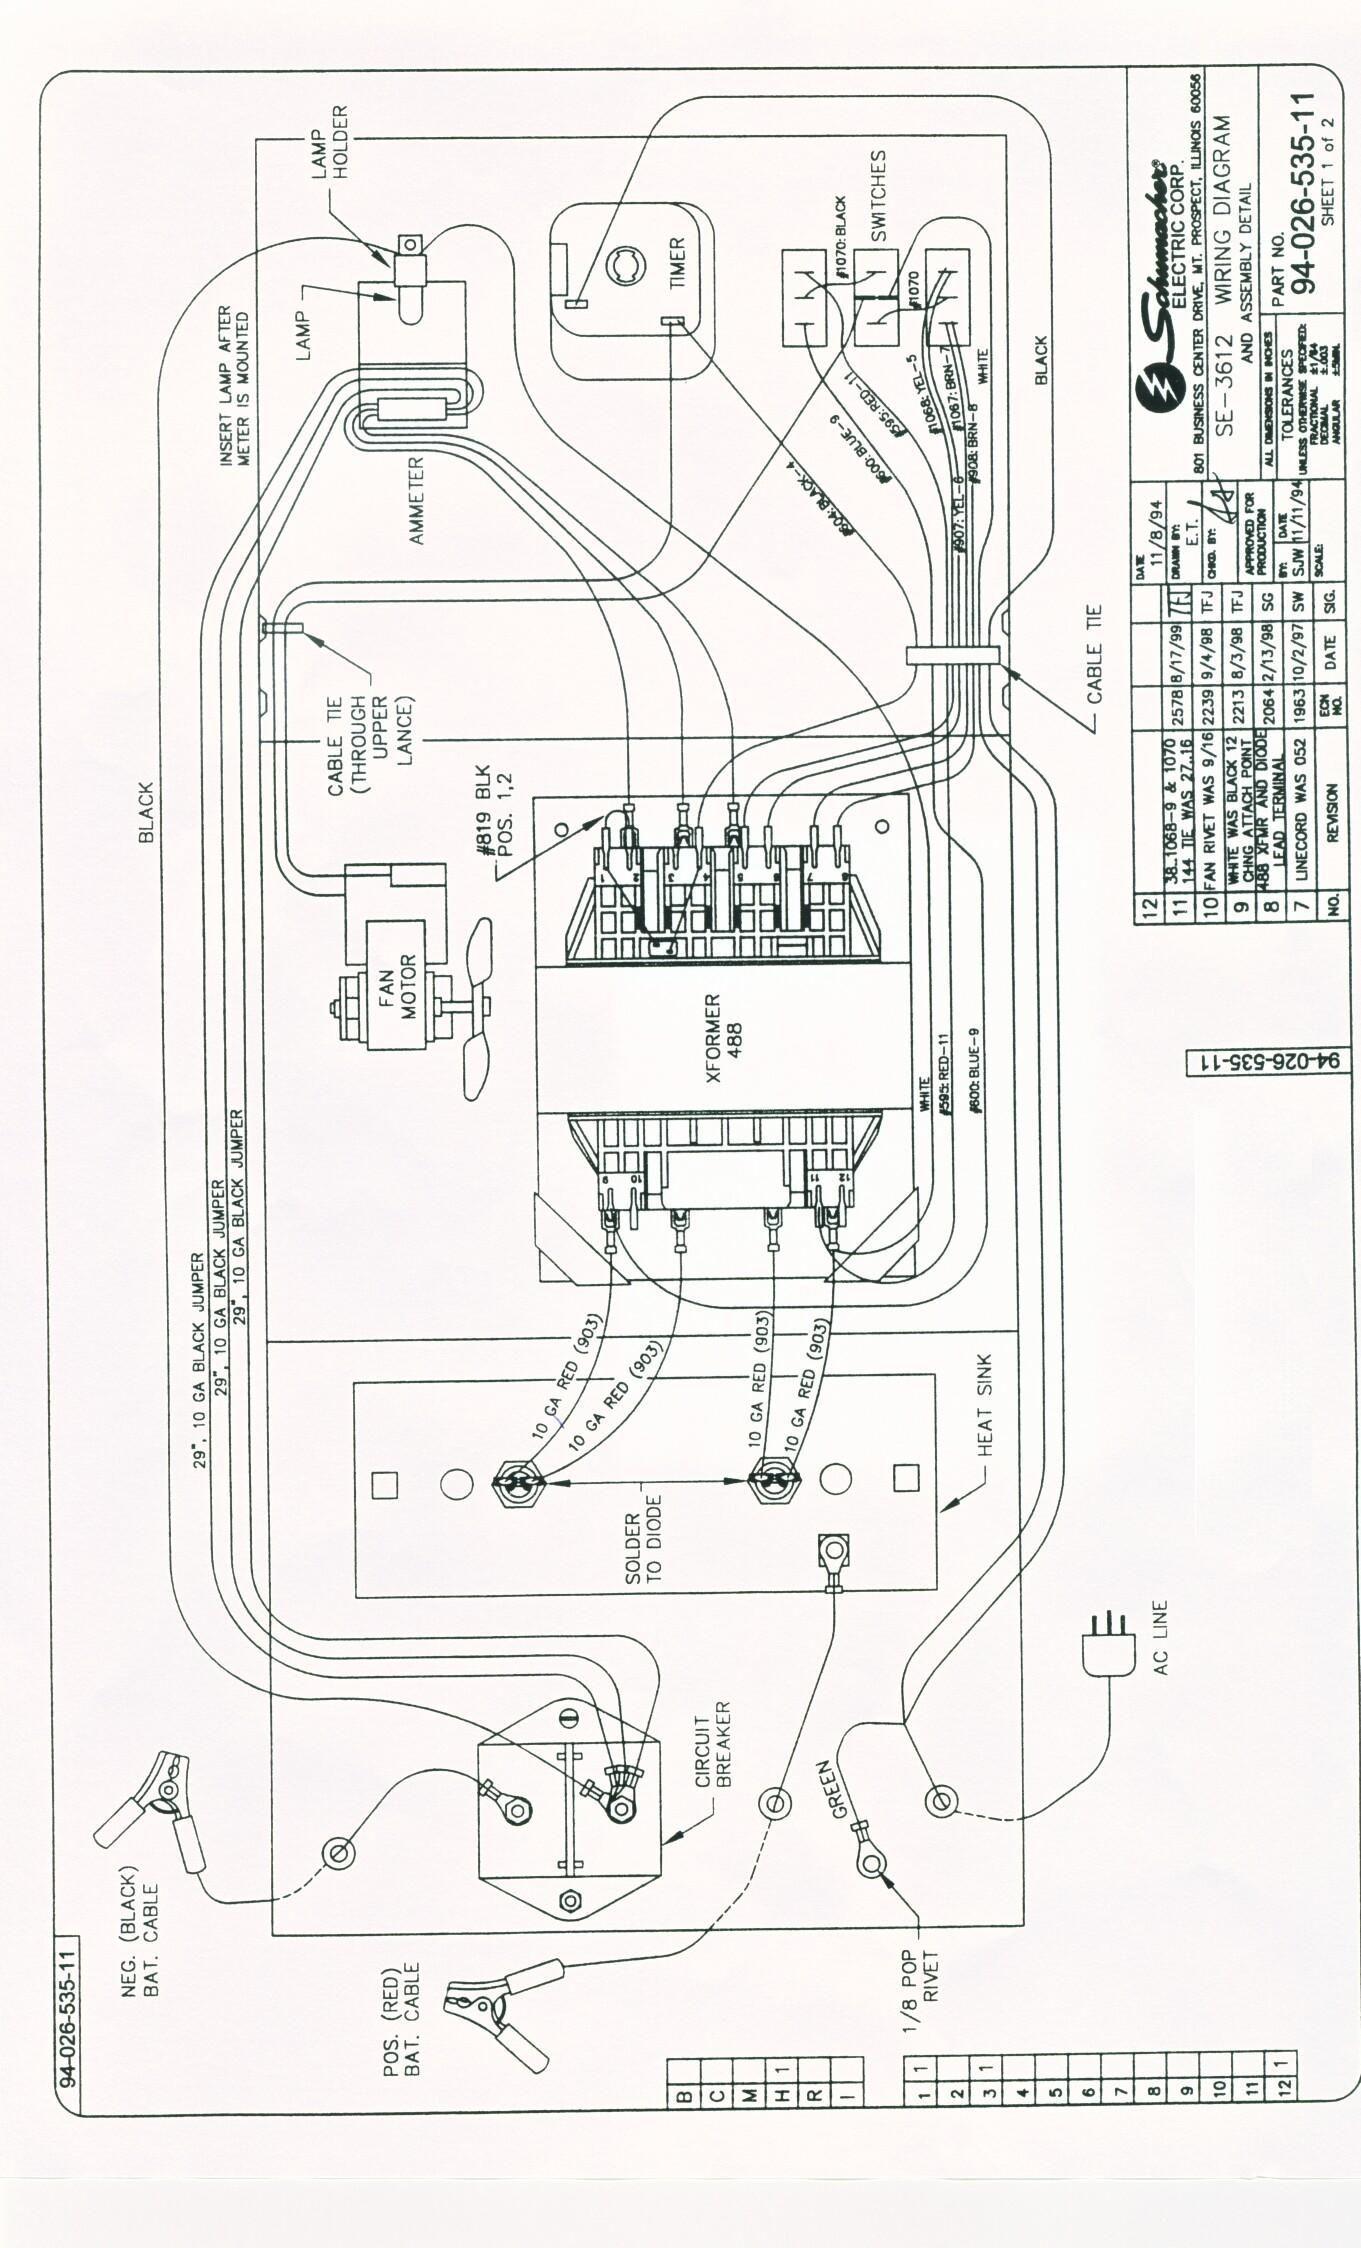 Schumacher Battery Charger Wiring Schematic 0